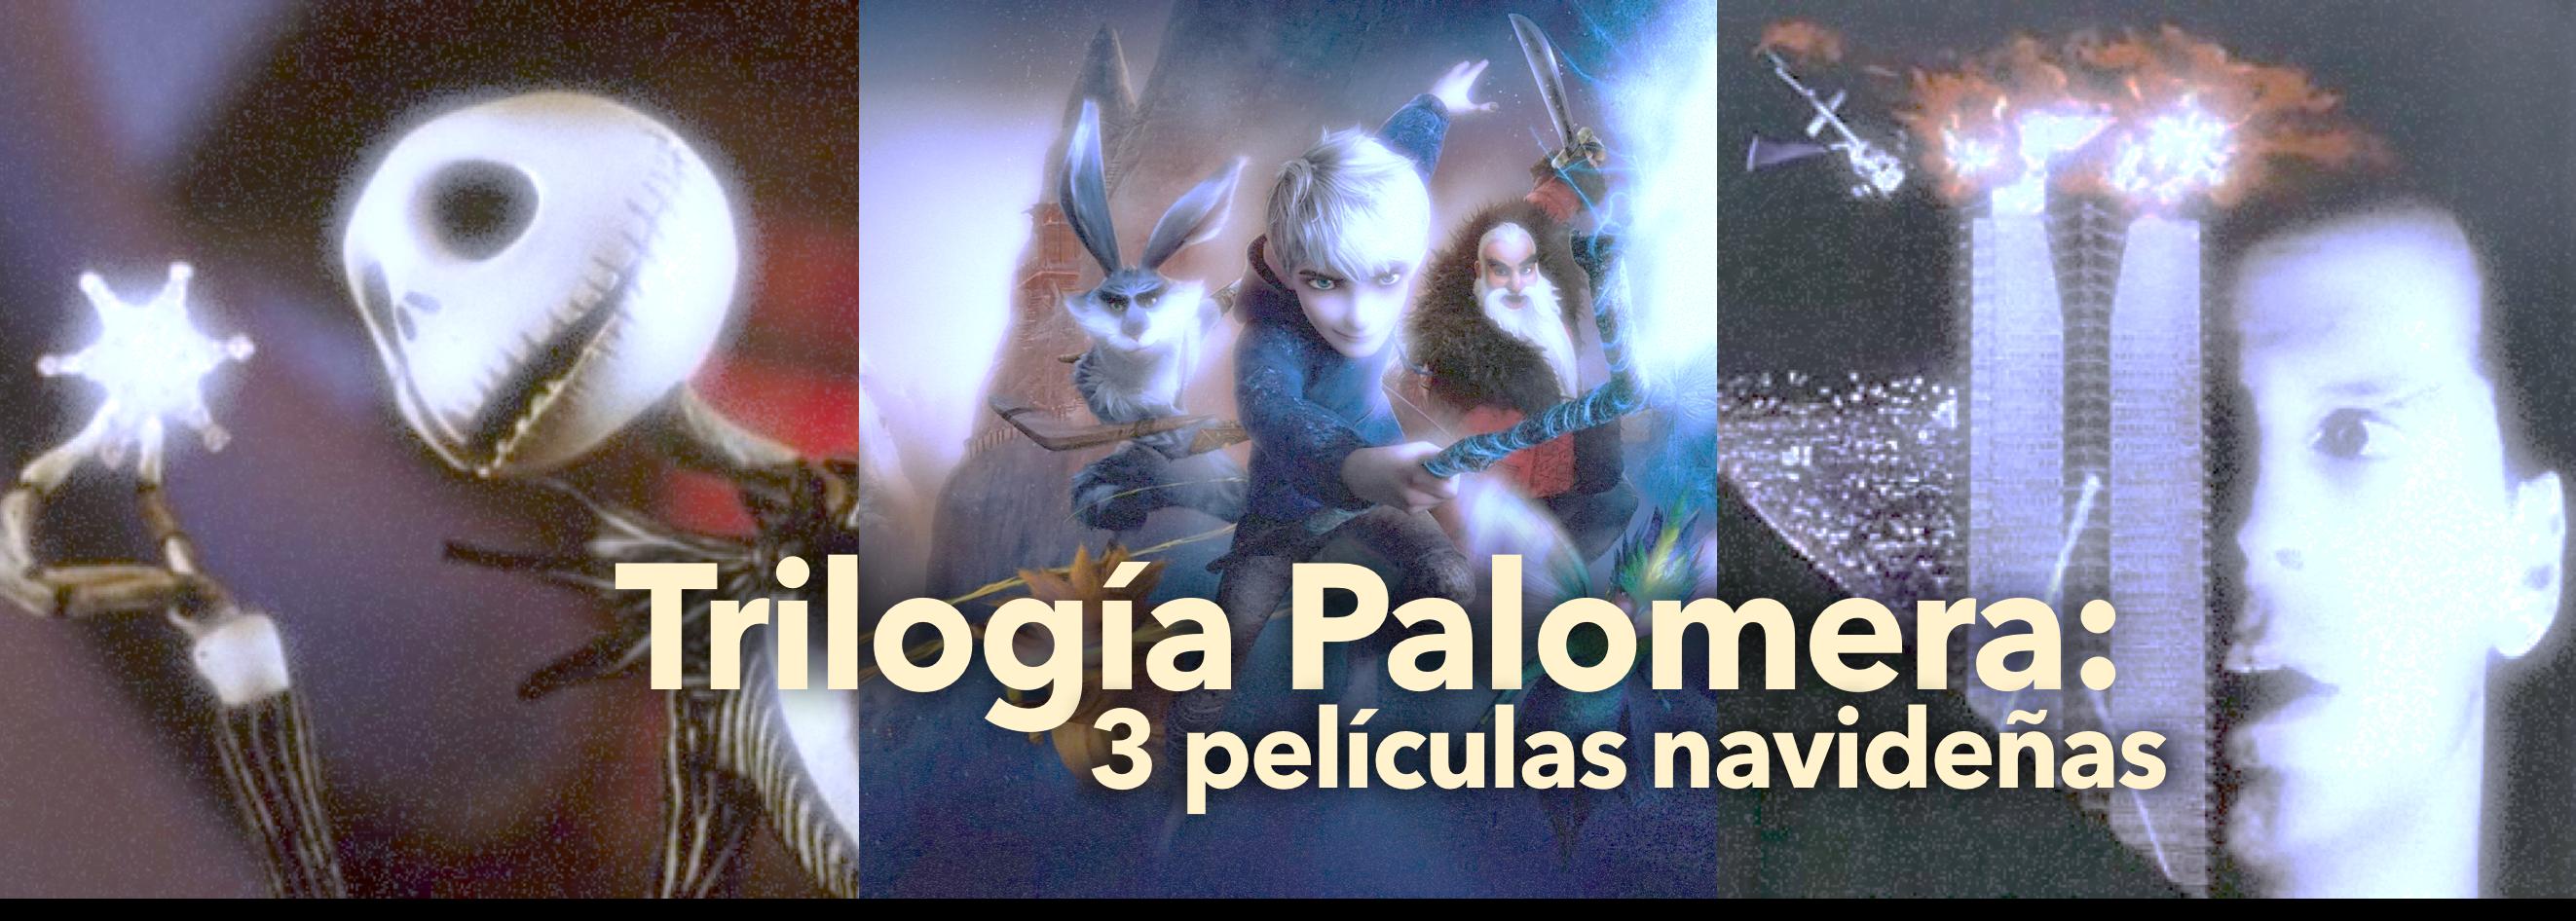 TRILOGÍA CINEMATOGRÁFICA 11 - Navidad